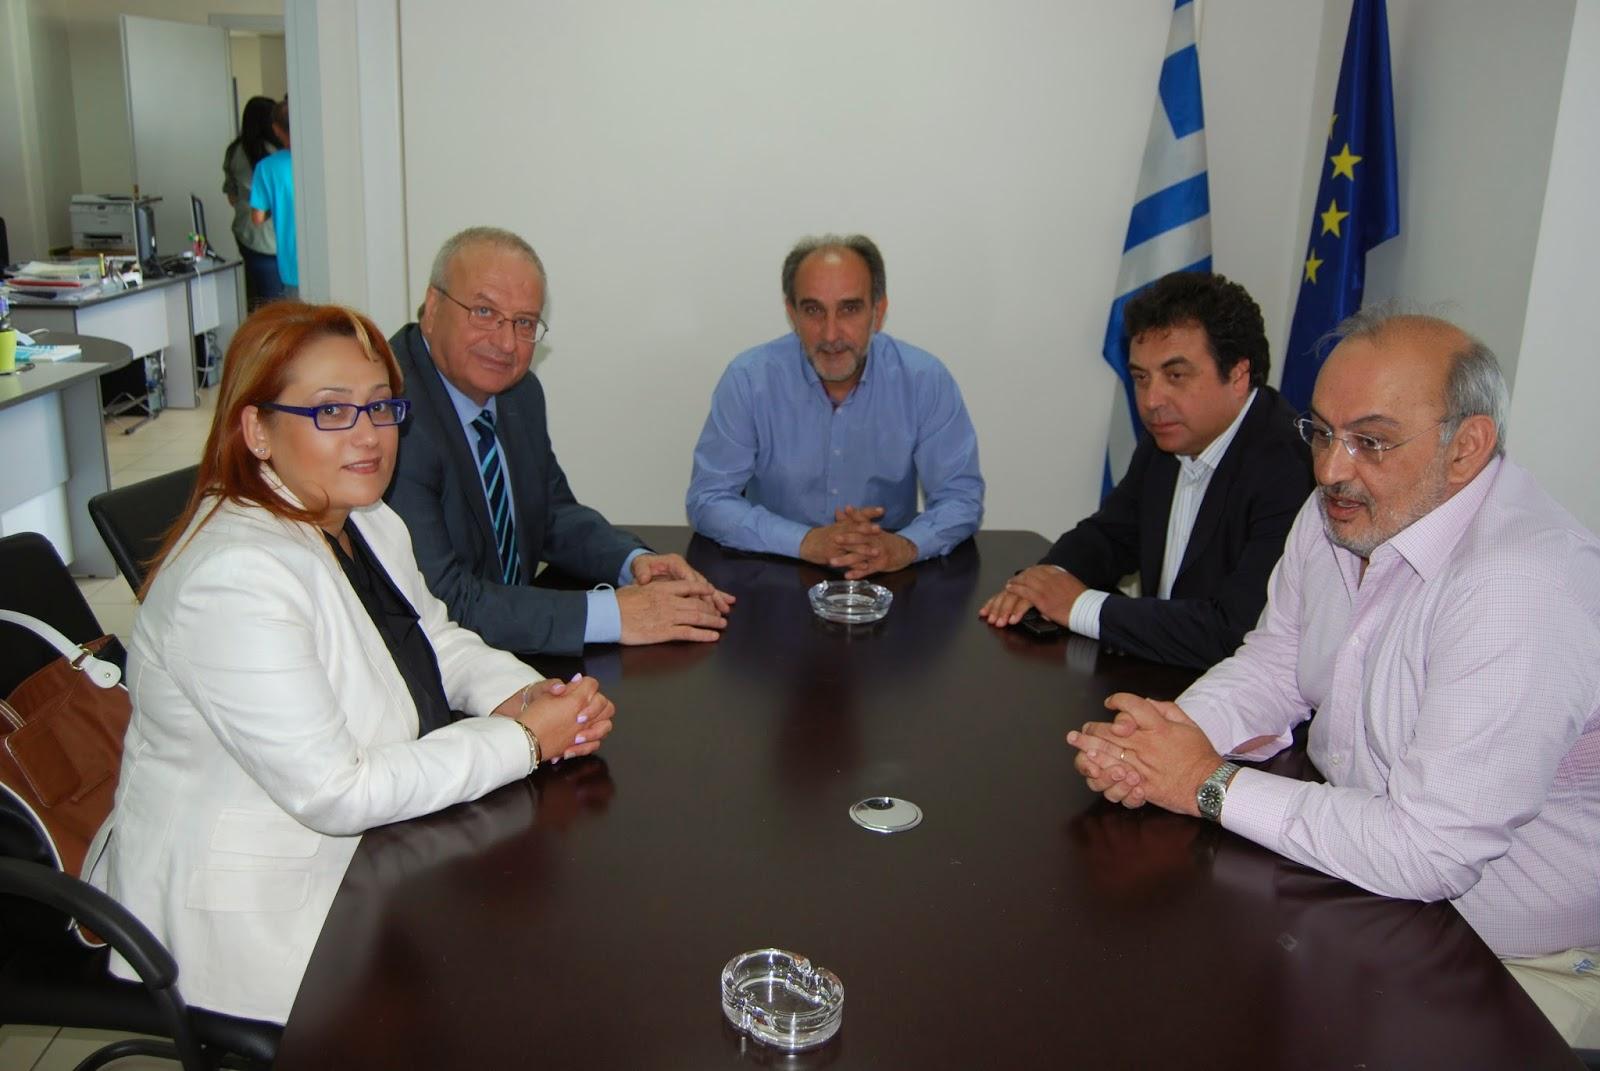 Επίσκεψη του Υπουργού Αναπληρωτή Υγείας, Λεωνίδα Γρηγοράκου στην 6η Υ.Πε